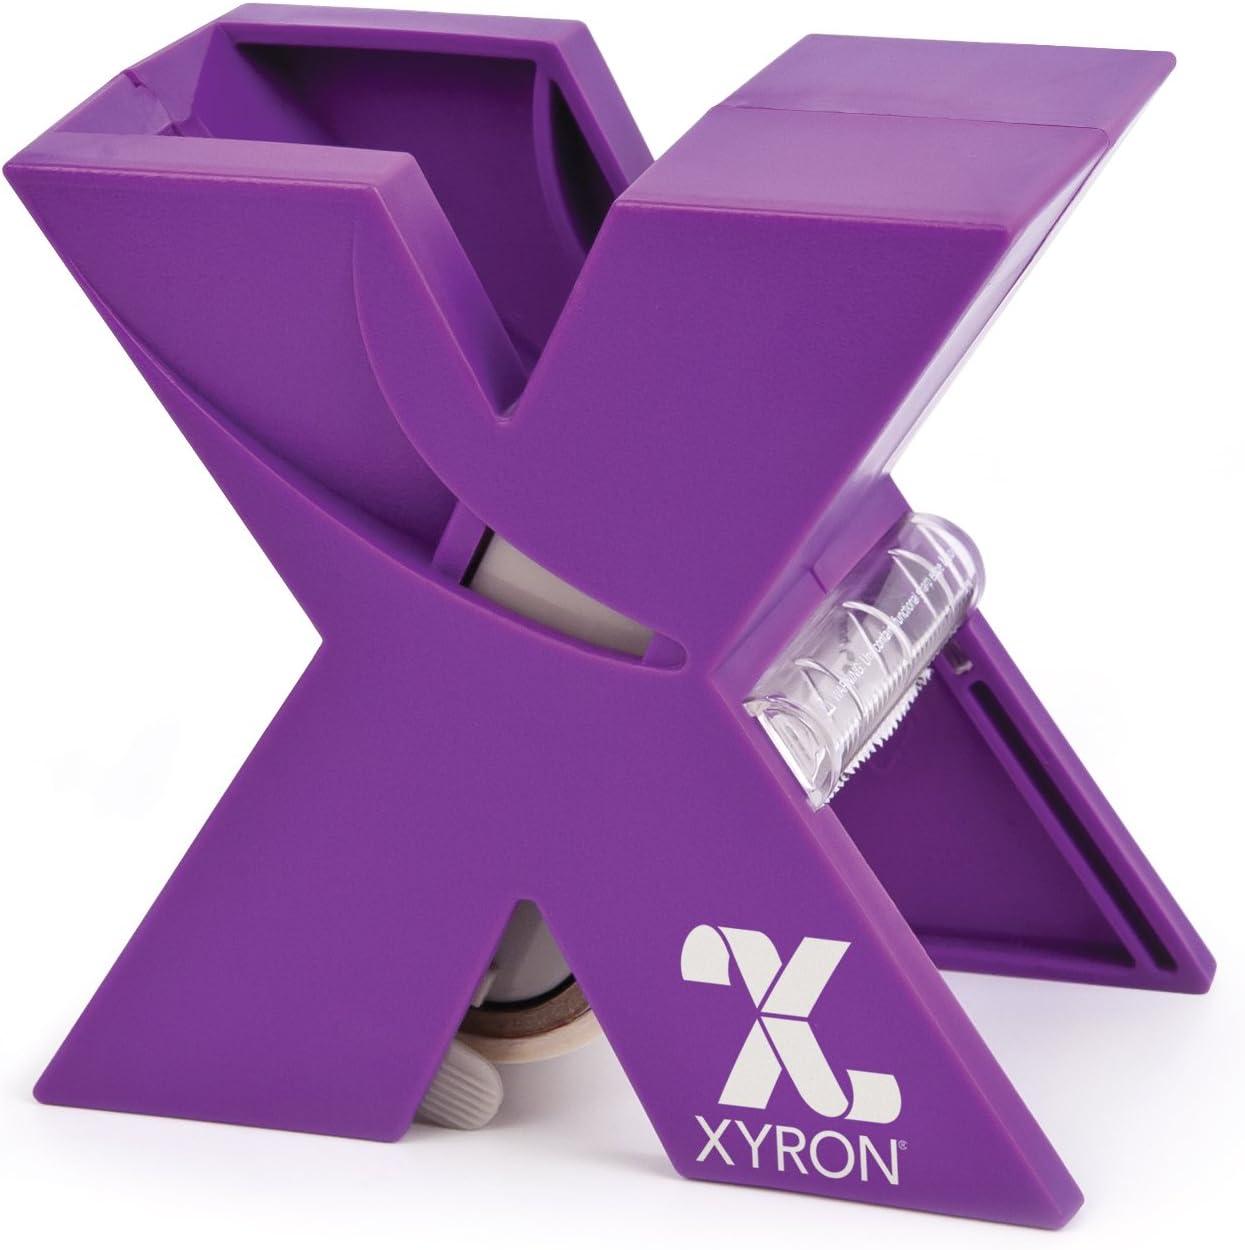 Xyron X150 Sticker Maker